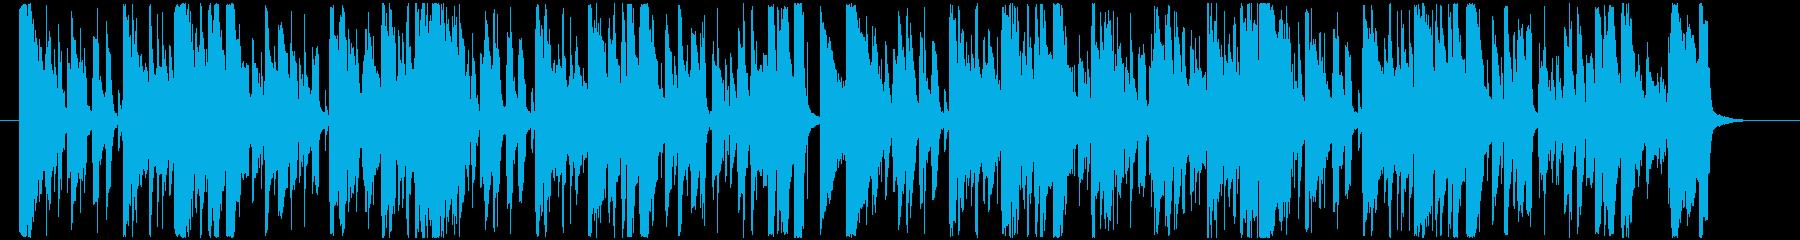 レゲエ スカし カントリー アクテ...の再生済みの波形